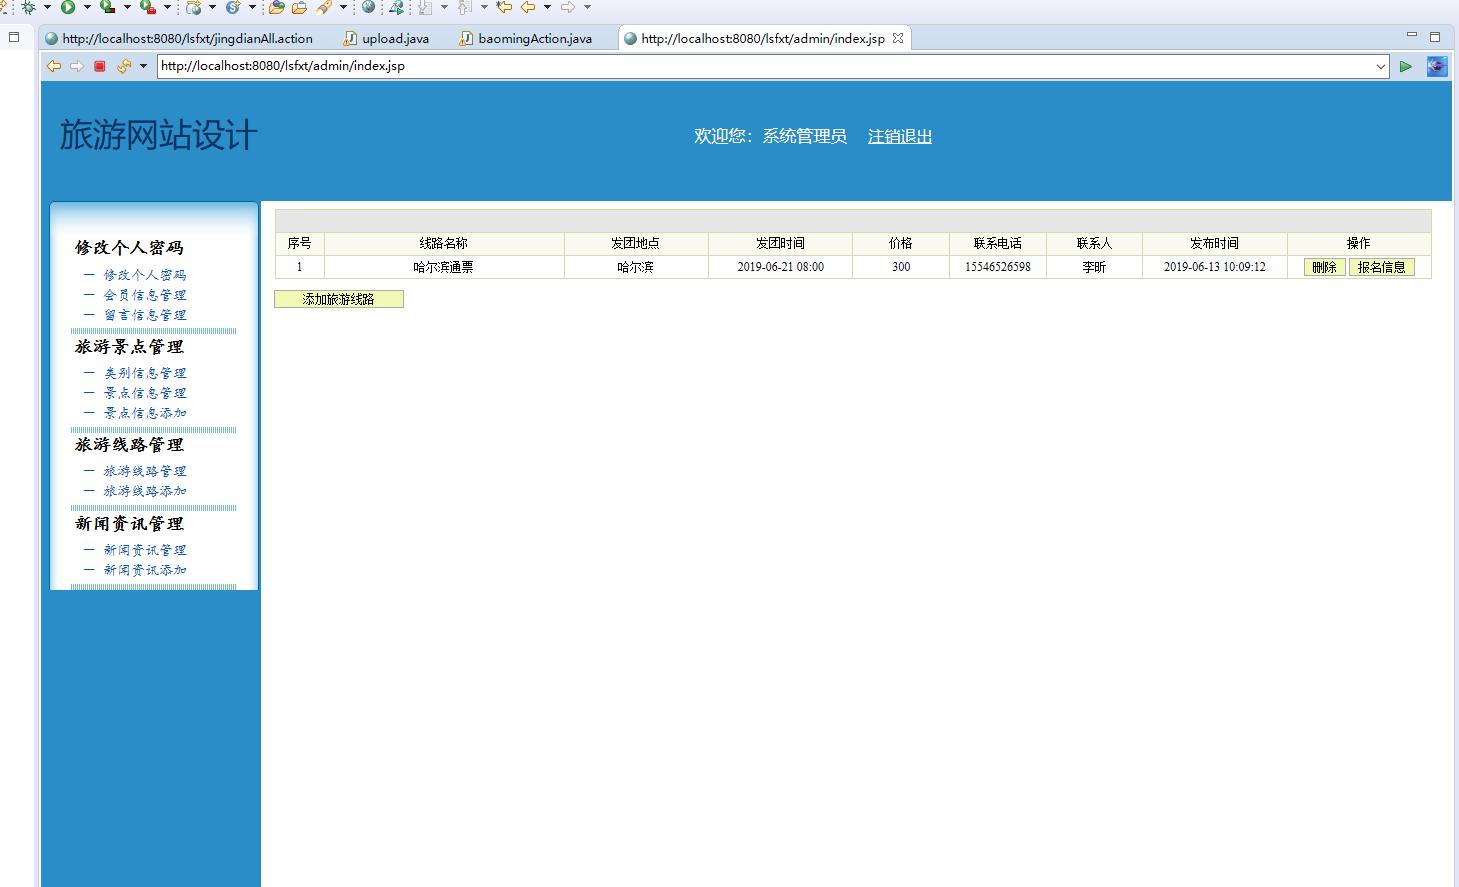 源码码头-SSH生态旅游旅行网站-管理员角色-旅游线路管理